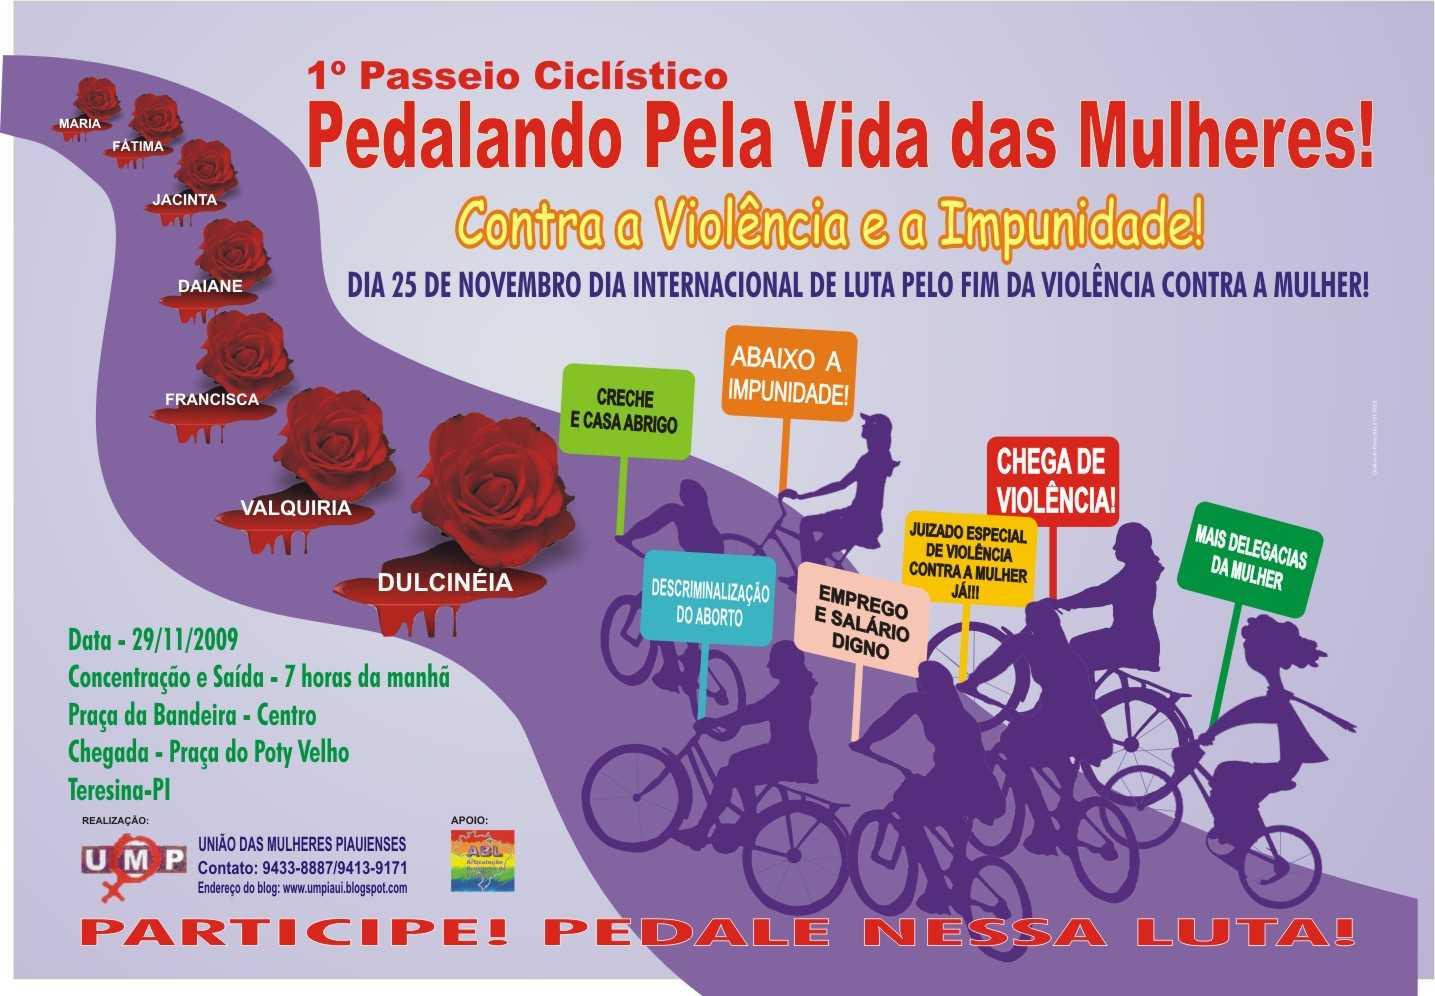 f88b9f4167690 Segundo pesquisa da Fundação Perseu Abramo aproximadamente mais de 2  milhões de mulheres são espancadas a cada ano no Brasil.